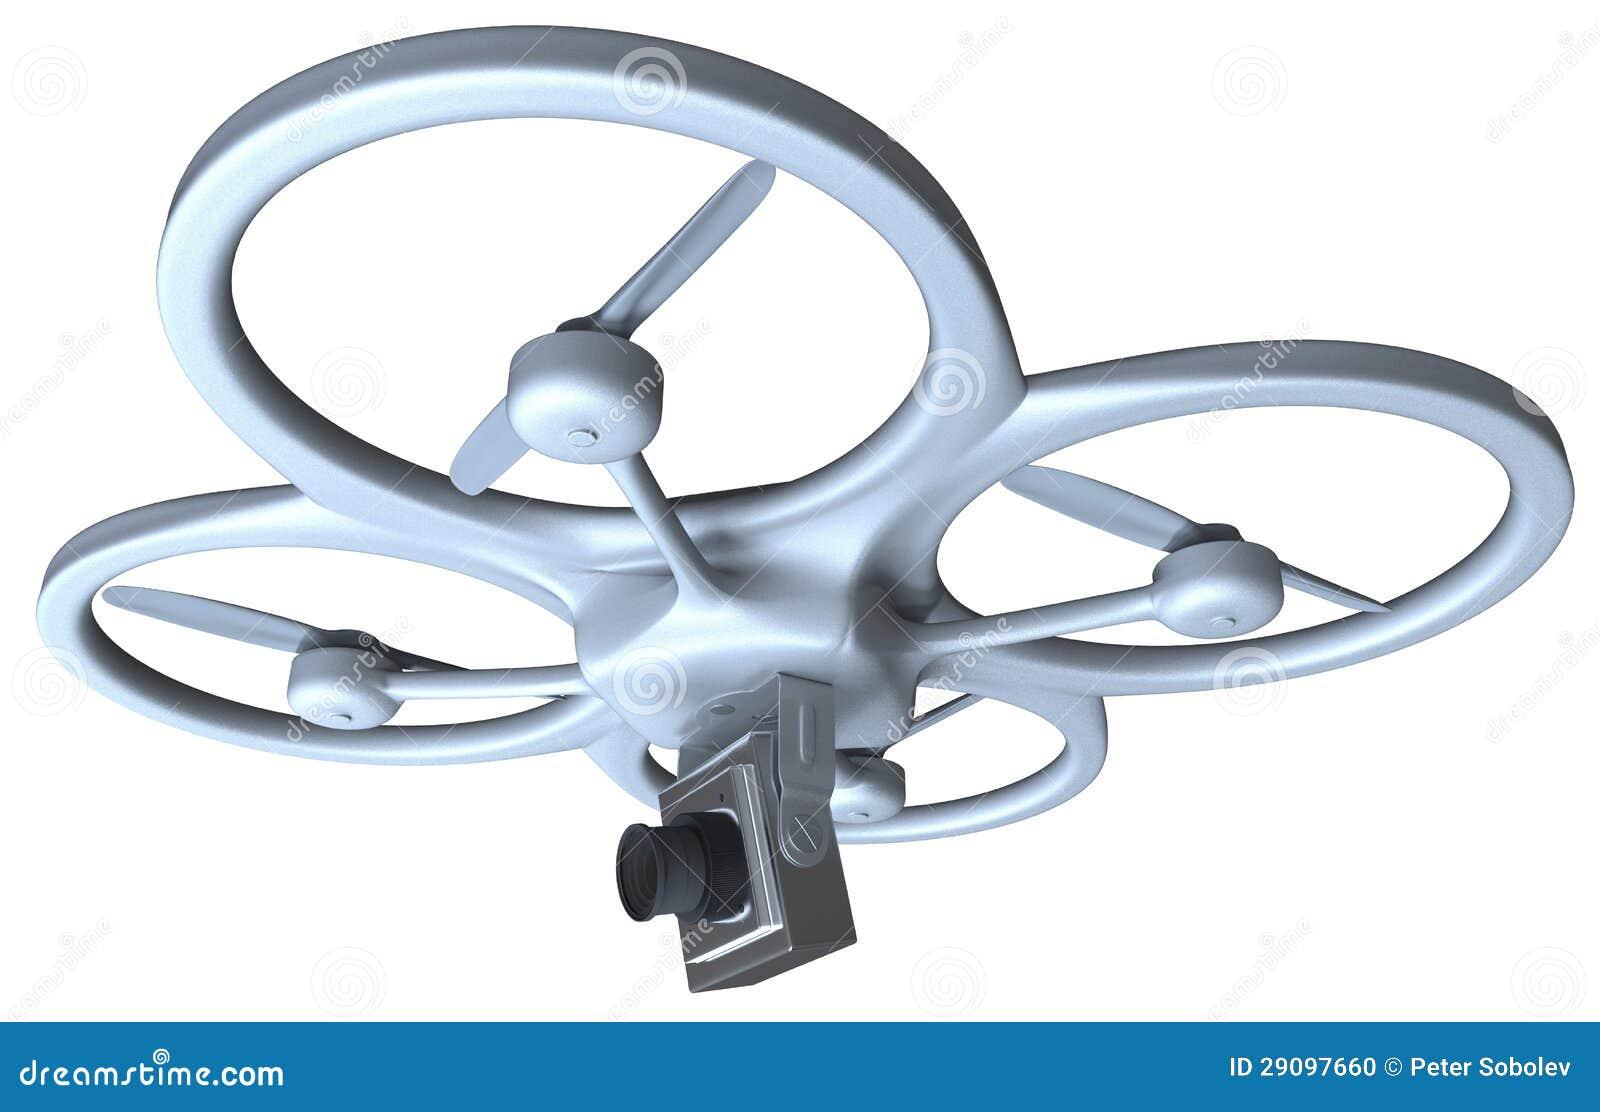 quadrocopter mit kamera stock abbildung bild von ansicht. Black Bedroom Furniture Sets. Home Design Ideas